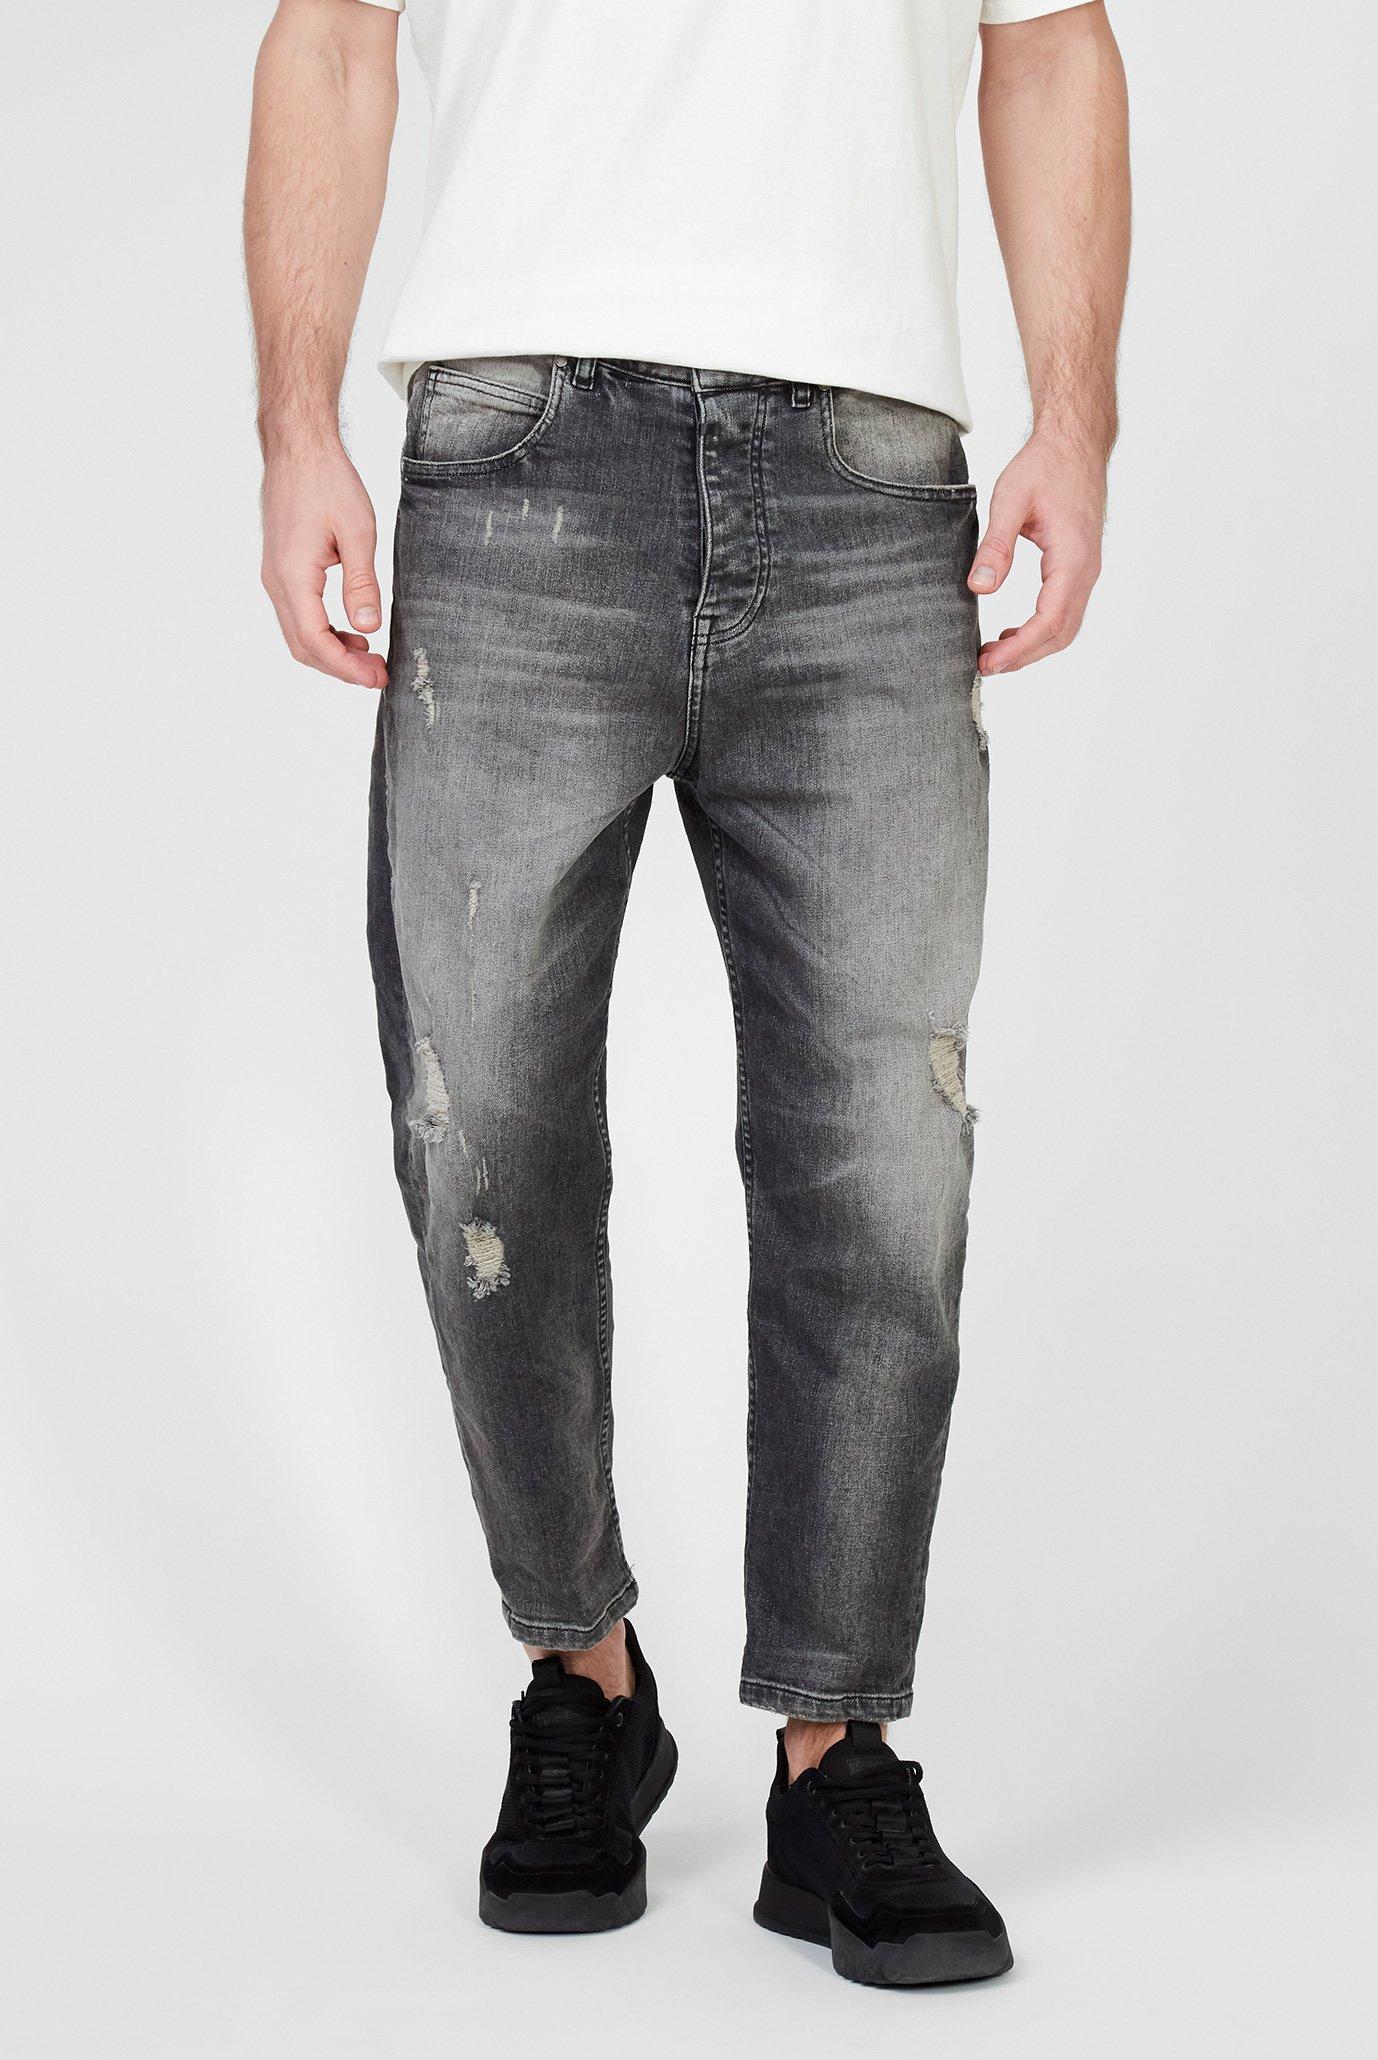 Мужские серые джинсы Toni 9941 destroyed 1